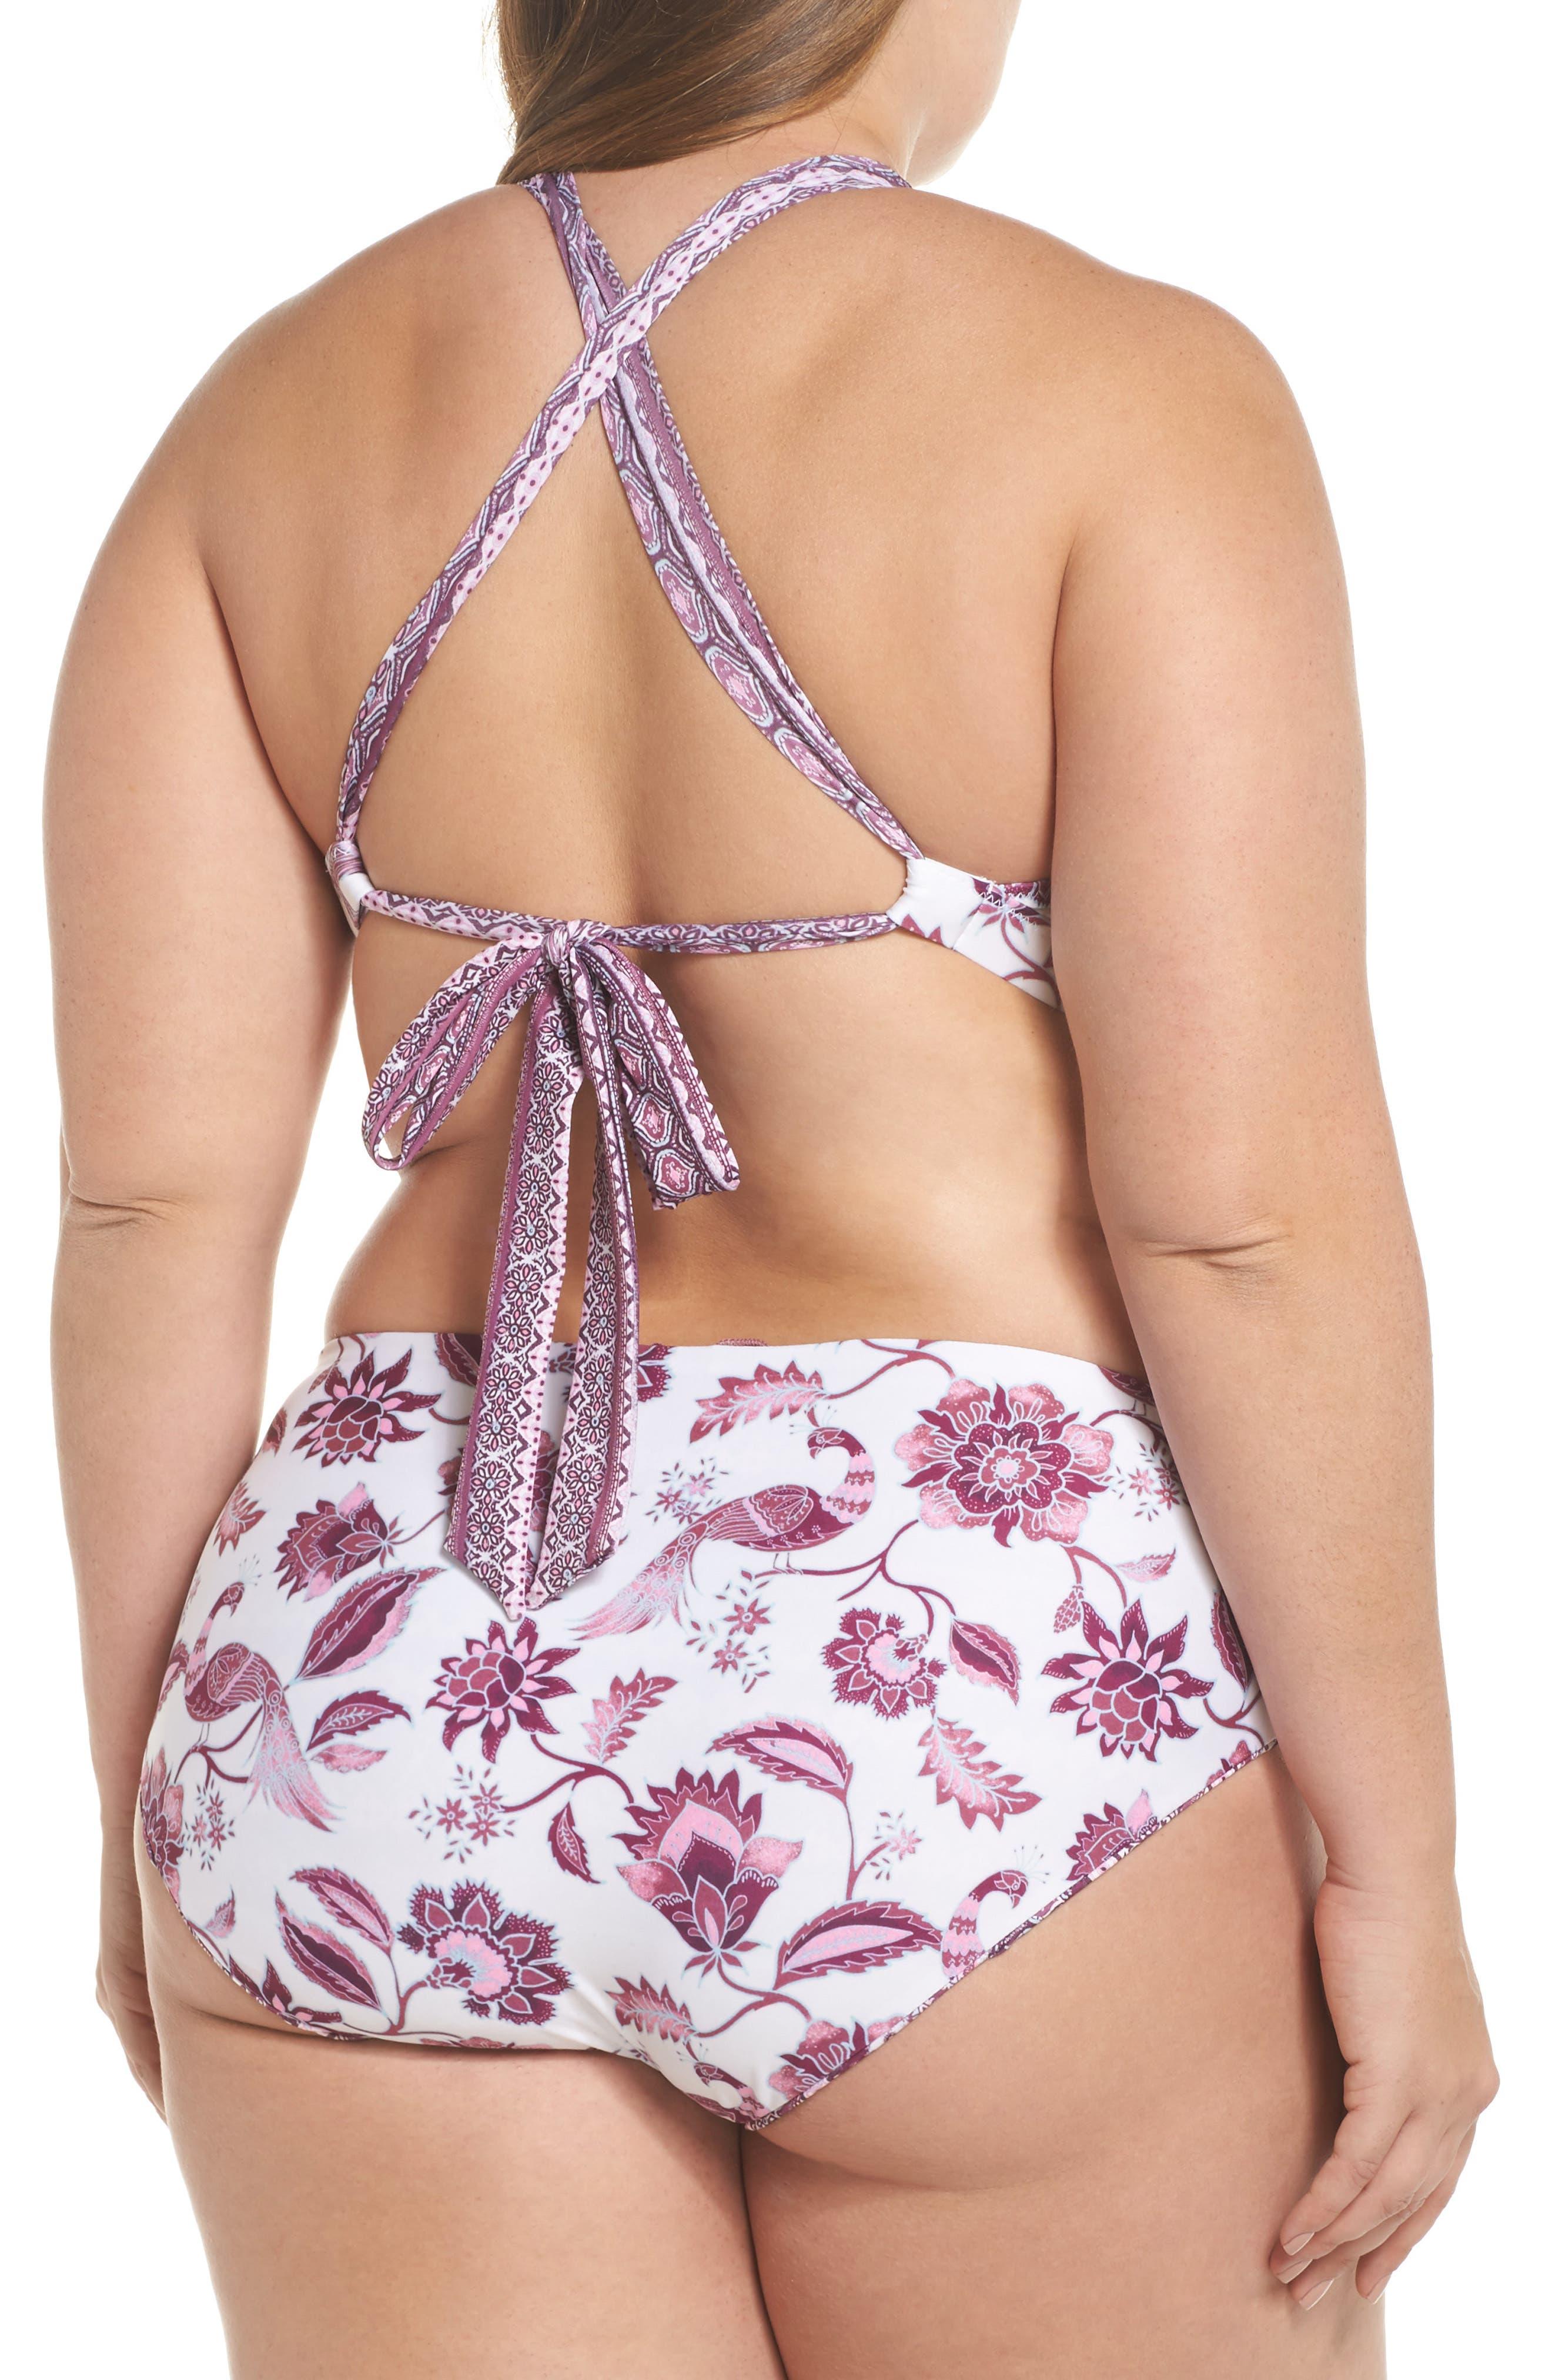 Tahiti Reversible Hipster Bikini Bottoms,                             Alternate thumbnail 7, color,                             Purple Multi